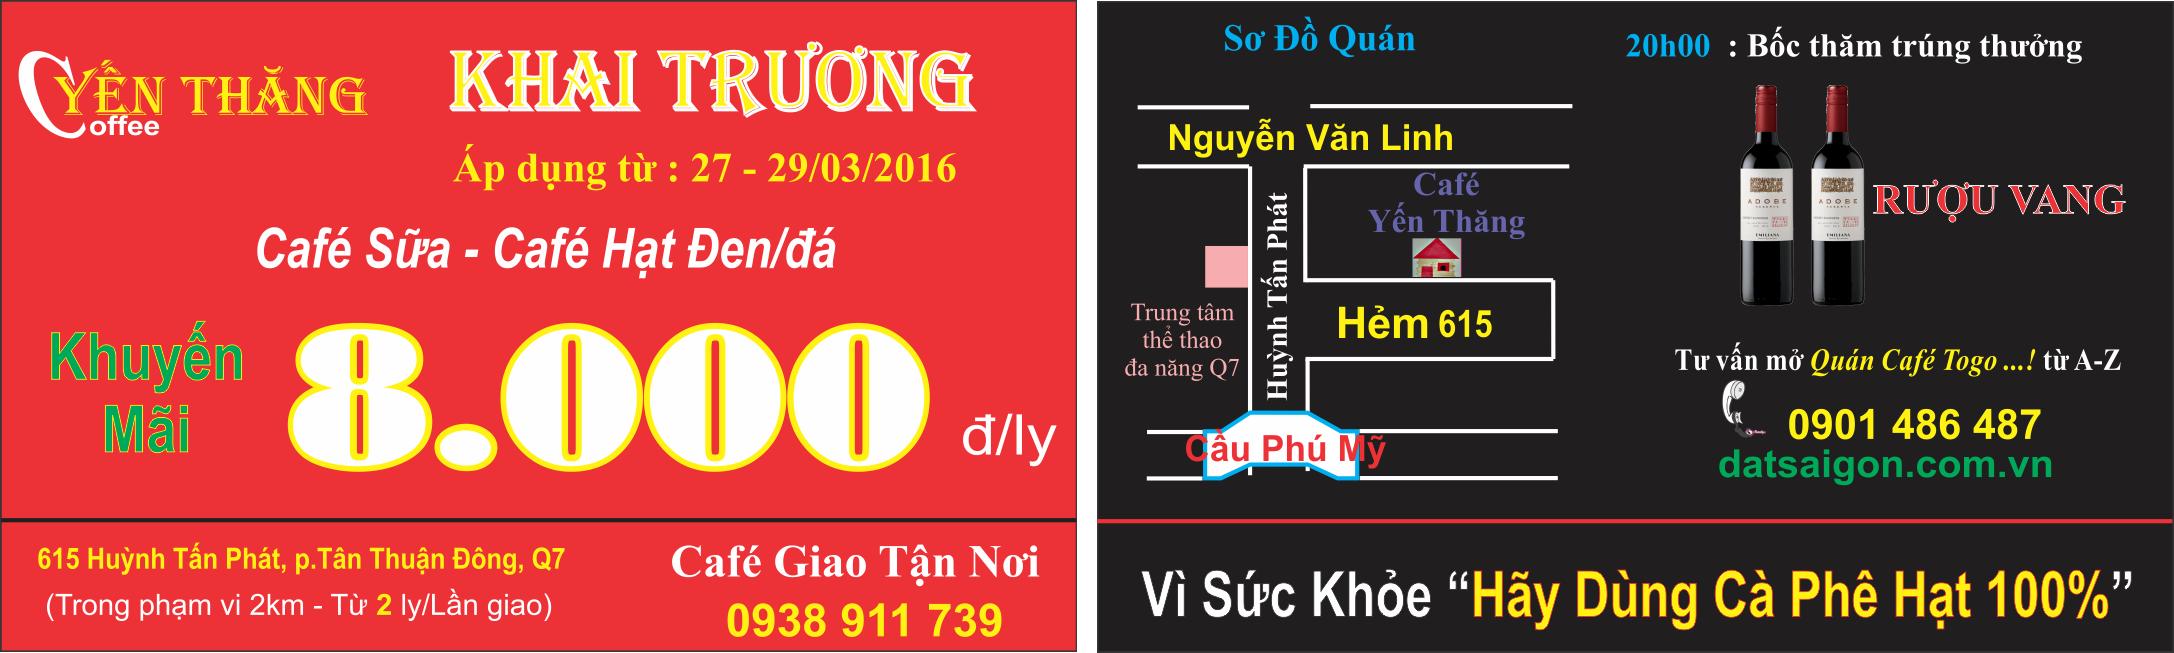 Card khai trương cafe Yến Thăng tại Huỳnh Tấn Phát Quận 7